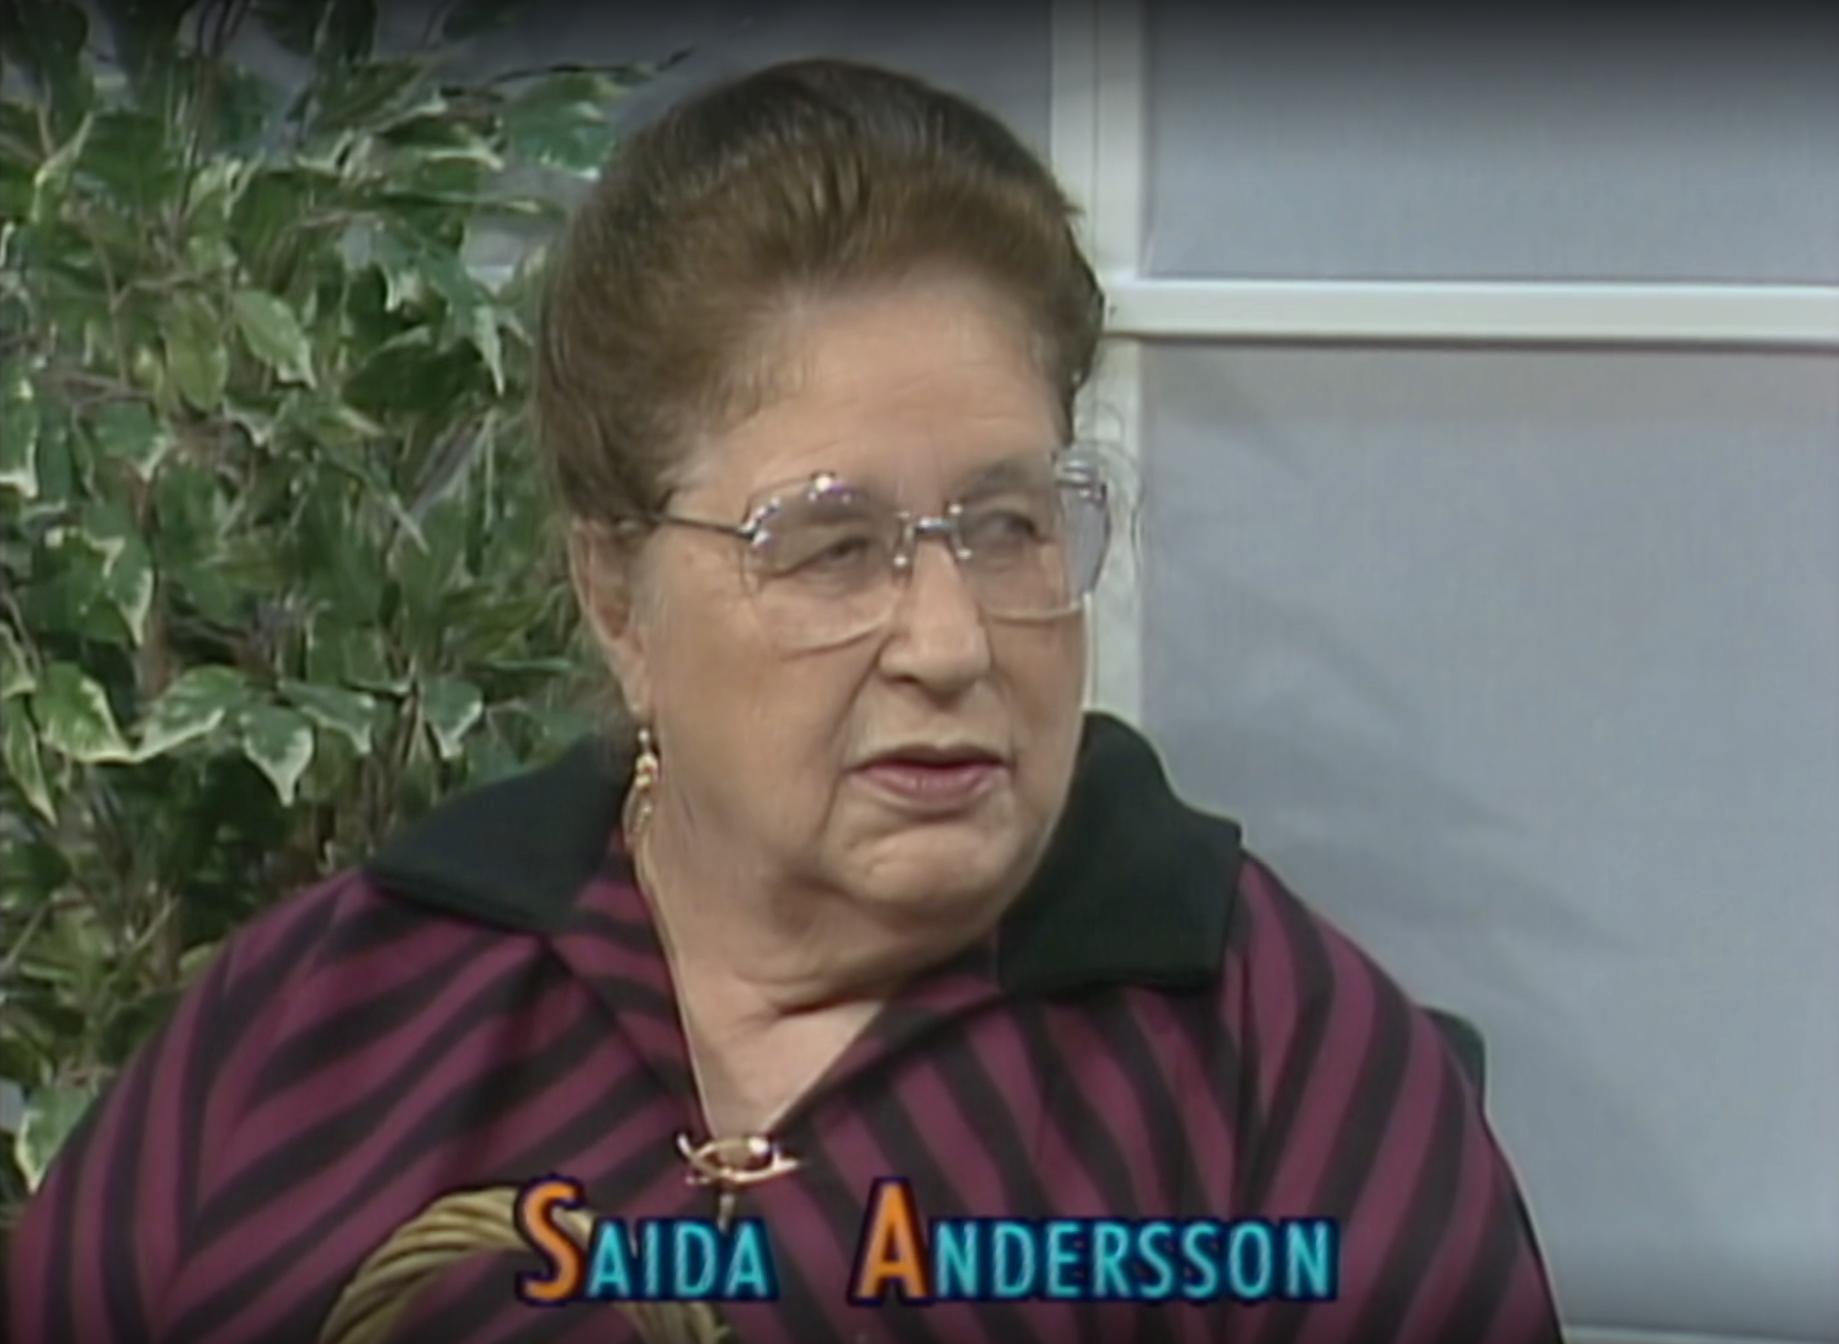 """Sierskan Saida Andersson blev populär när hon siade i SVT:s """"Café Luleå""""."""